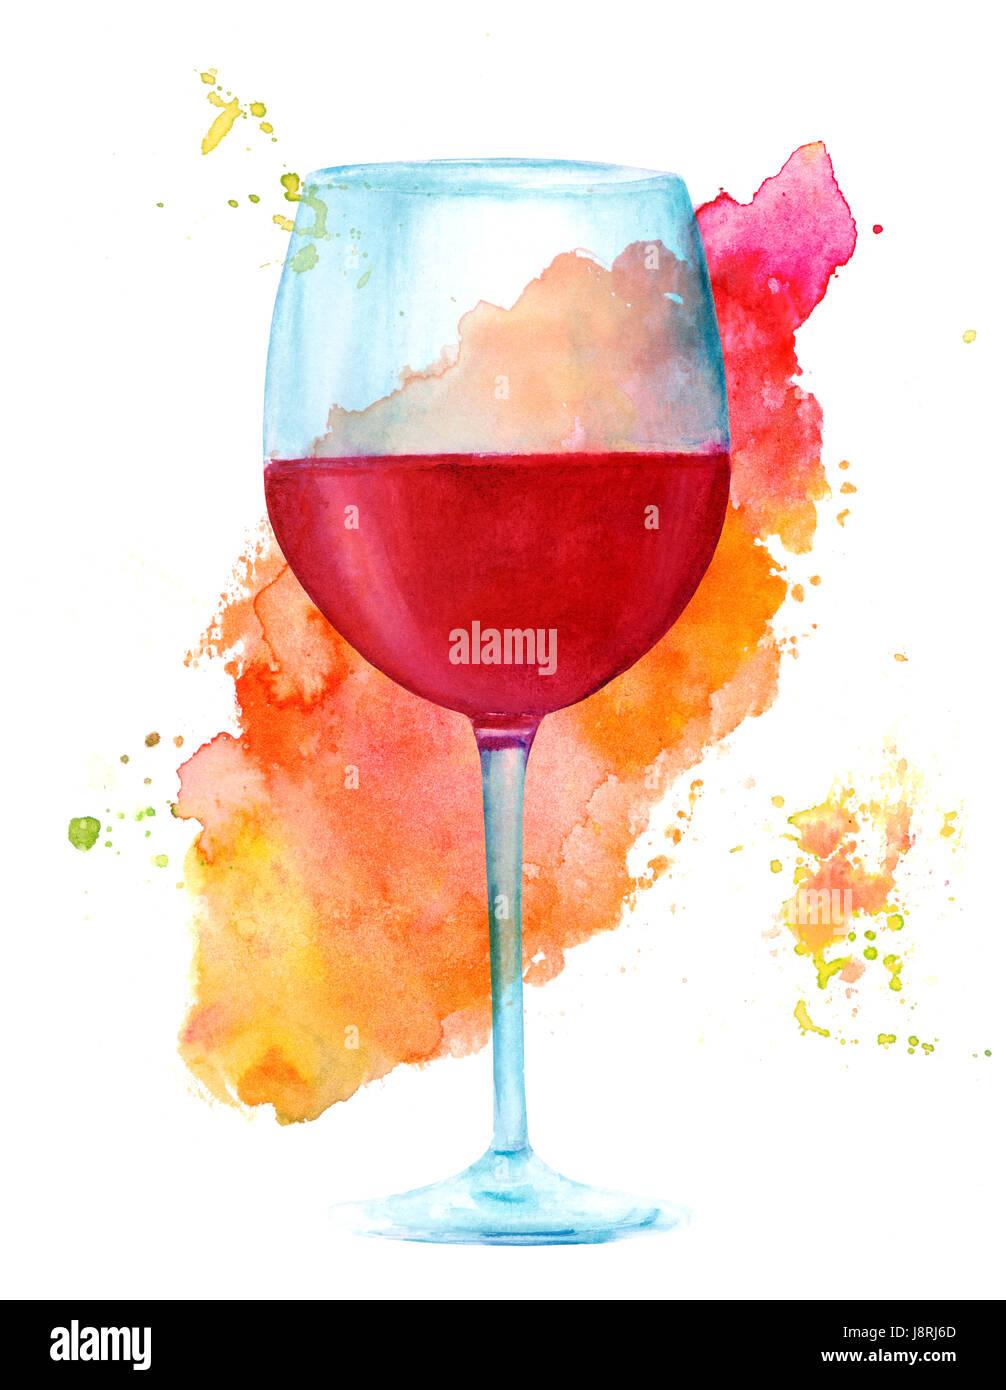 Une aquarelle dessin d 39 un verre de vin rouge peintes la - Dessin de verre ...